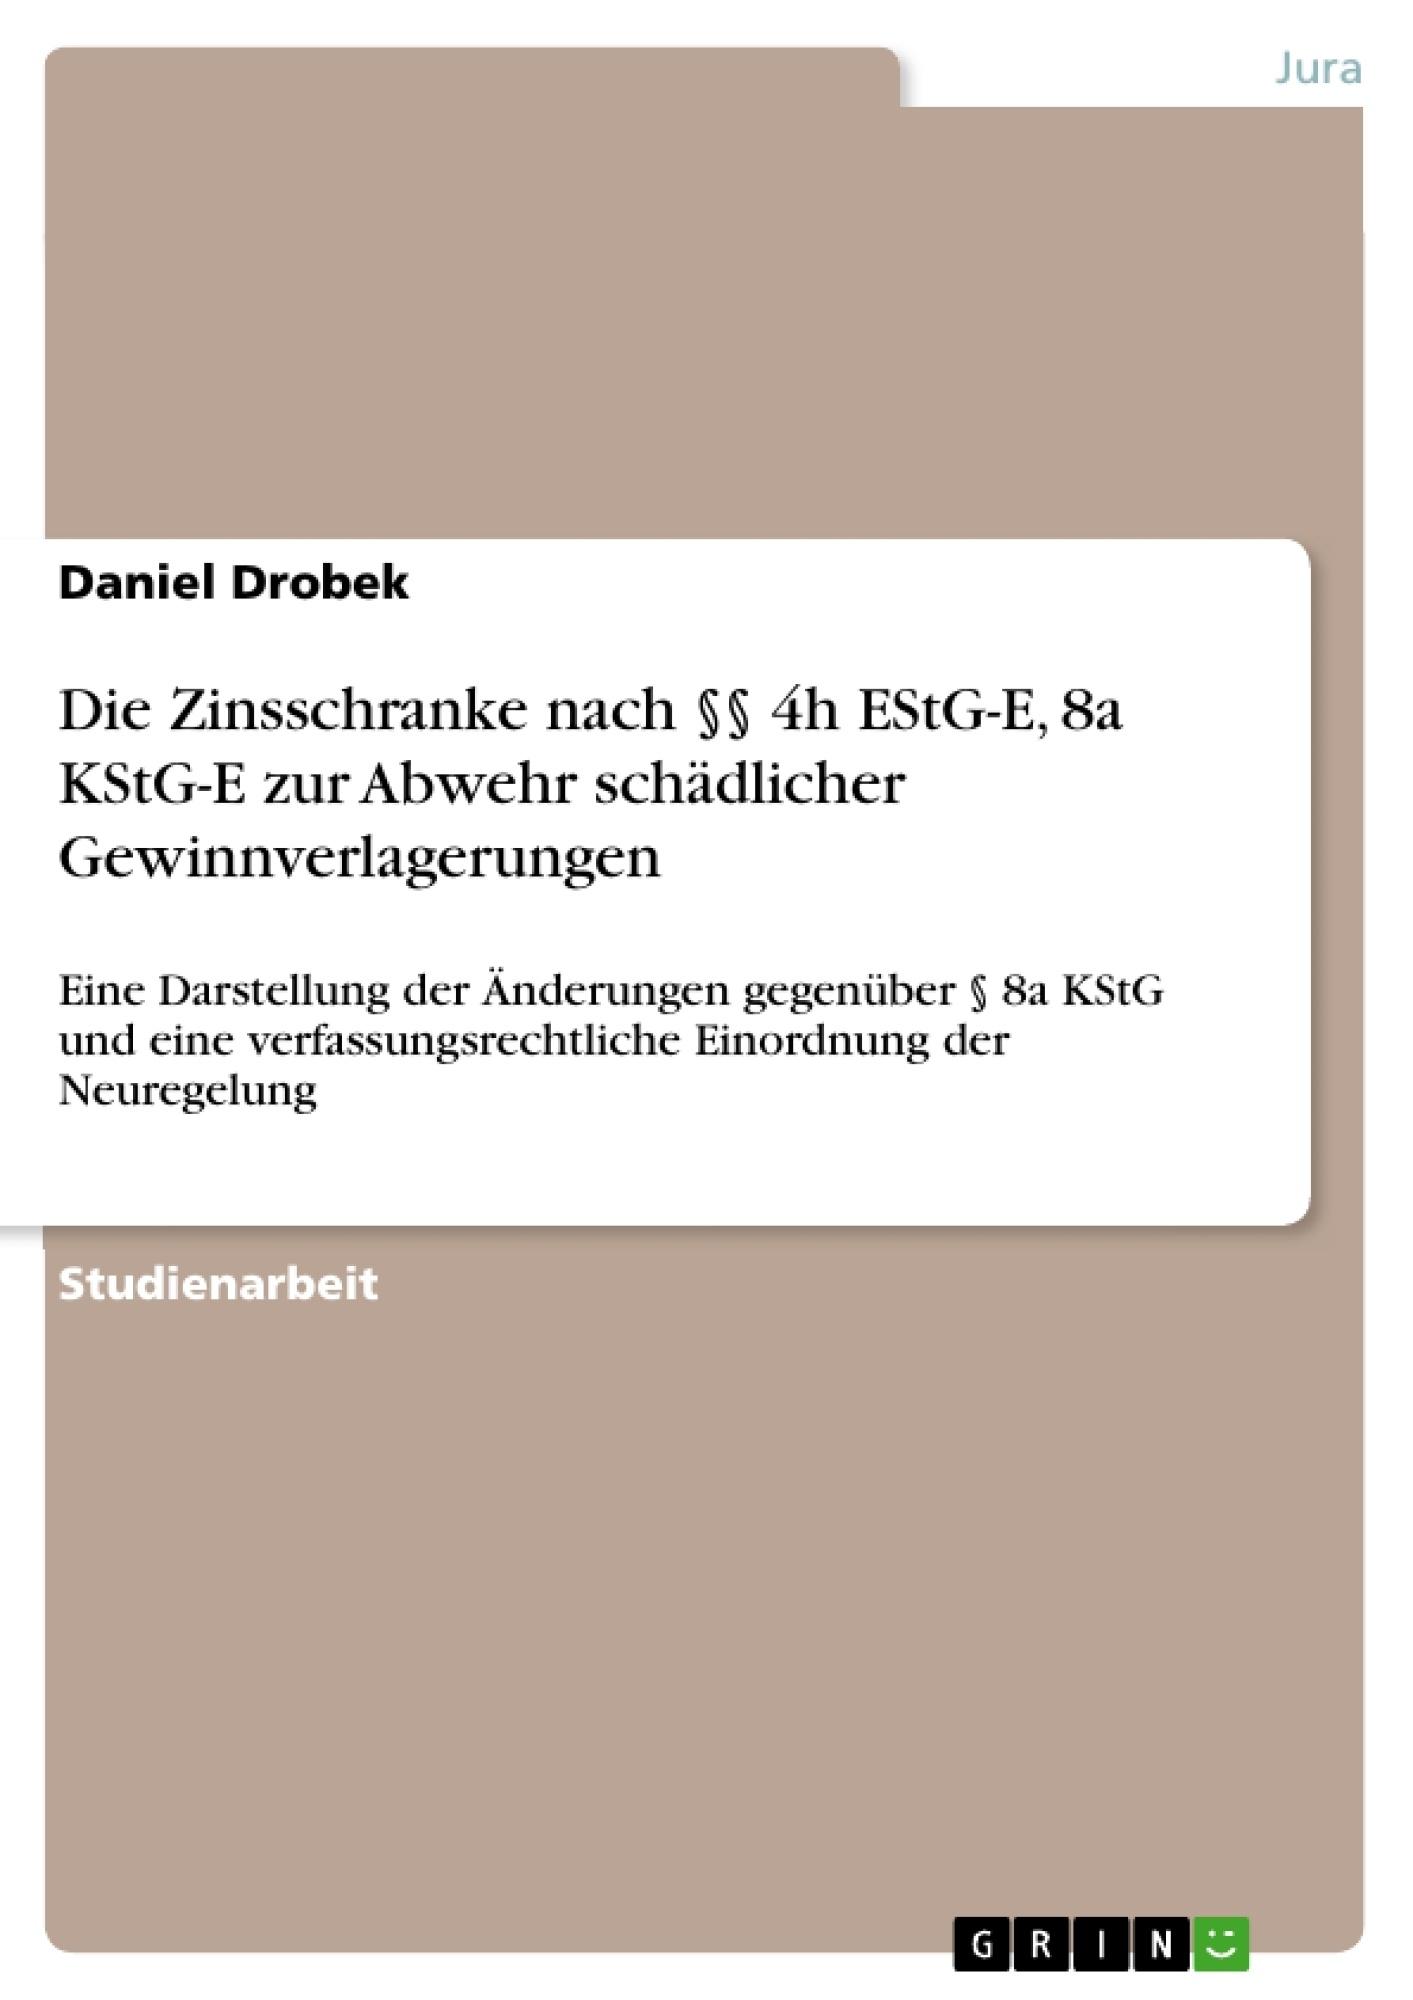 Titel: Die Zinsschranke nach §§ 4h EStG-E, 8a KStG-E zur Abwehr schädlicher Gewinnverlagerungen